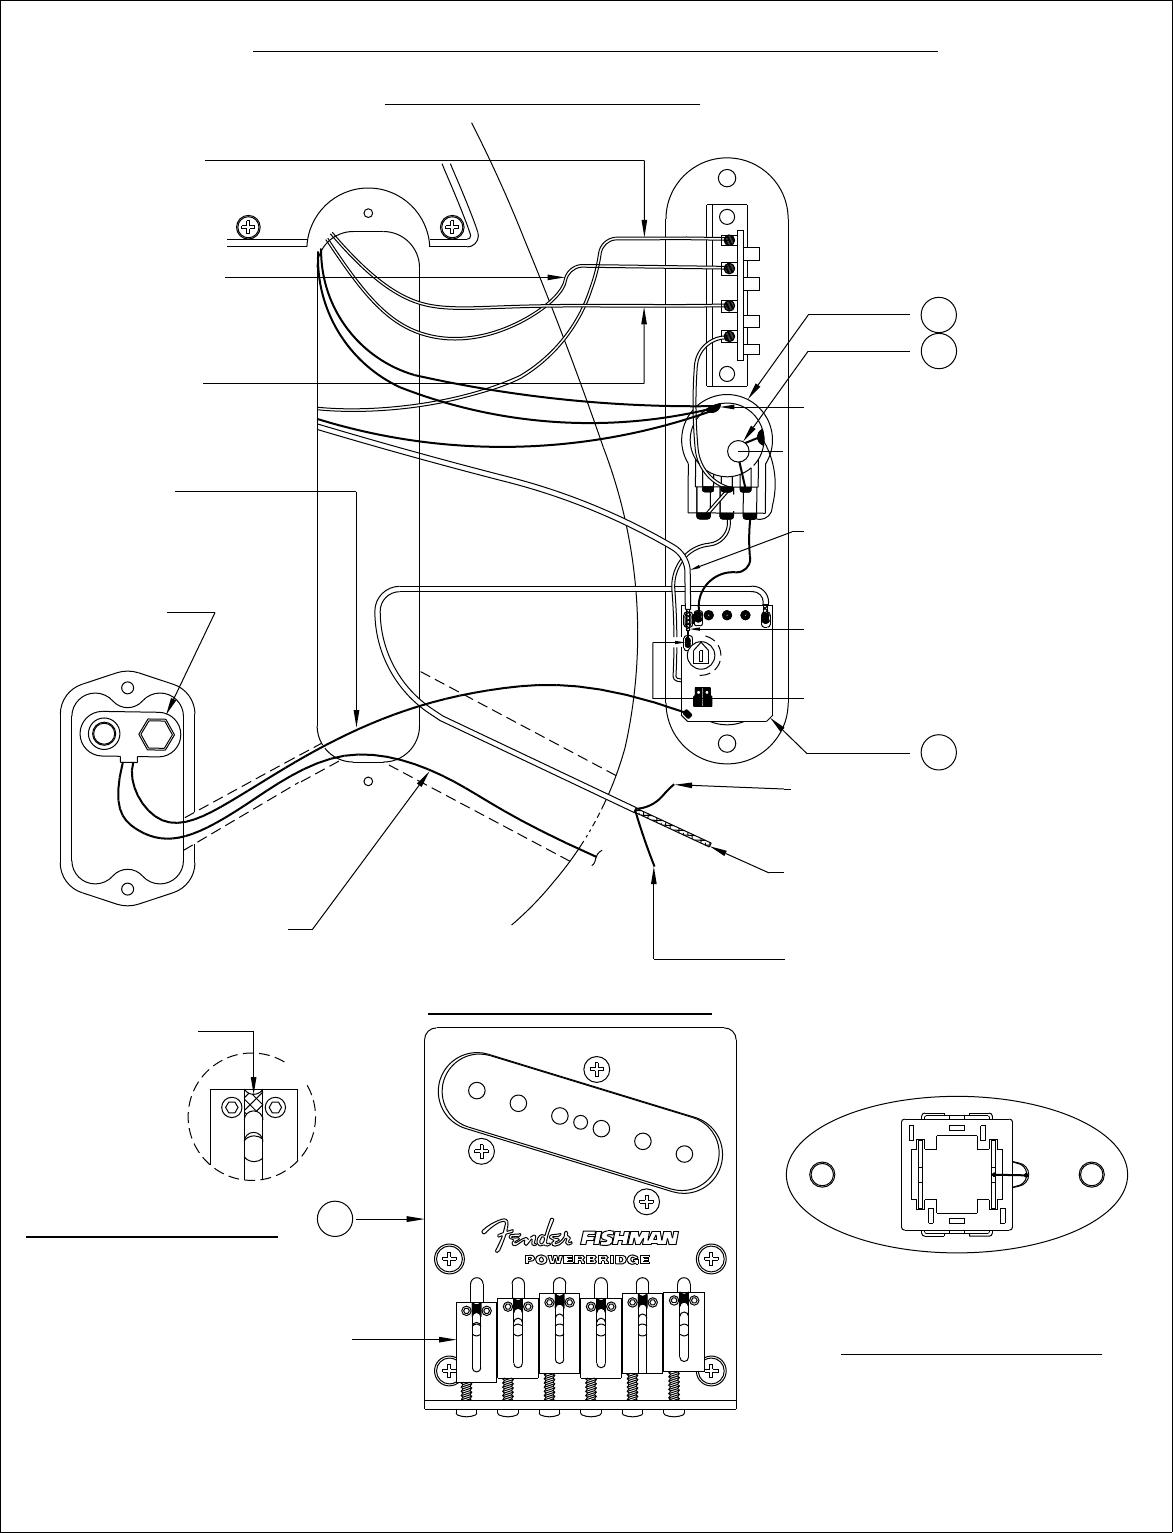 Fender 013 02a Sisd